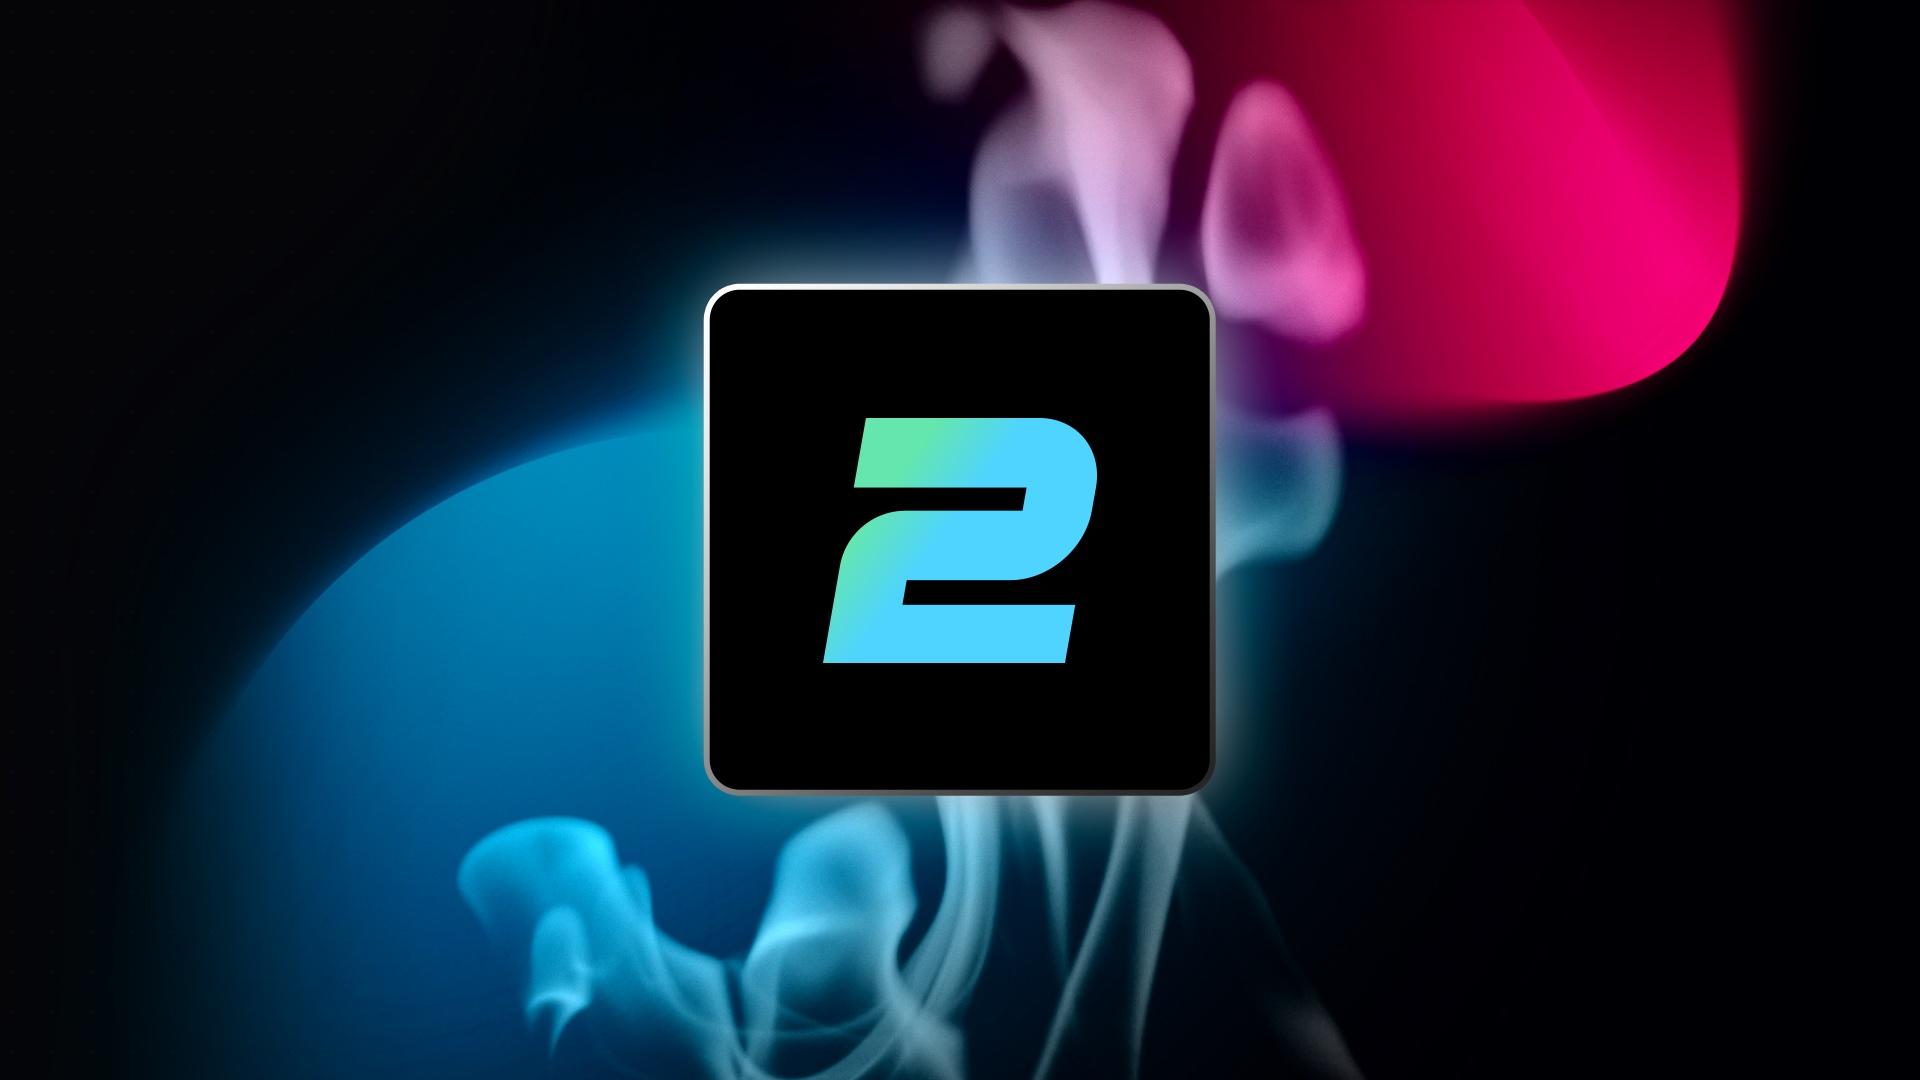 pestphp.com